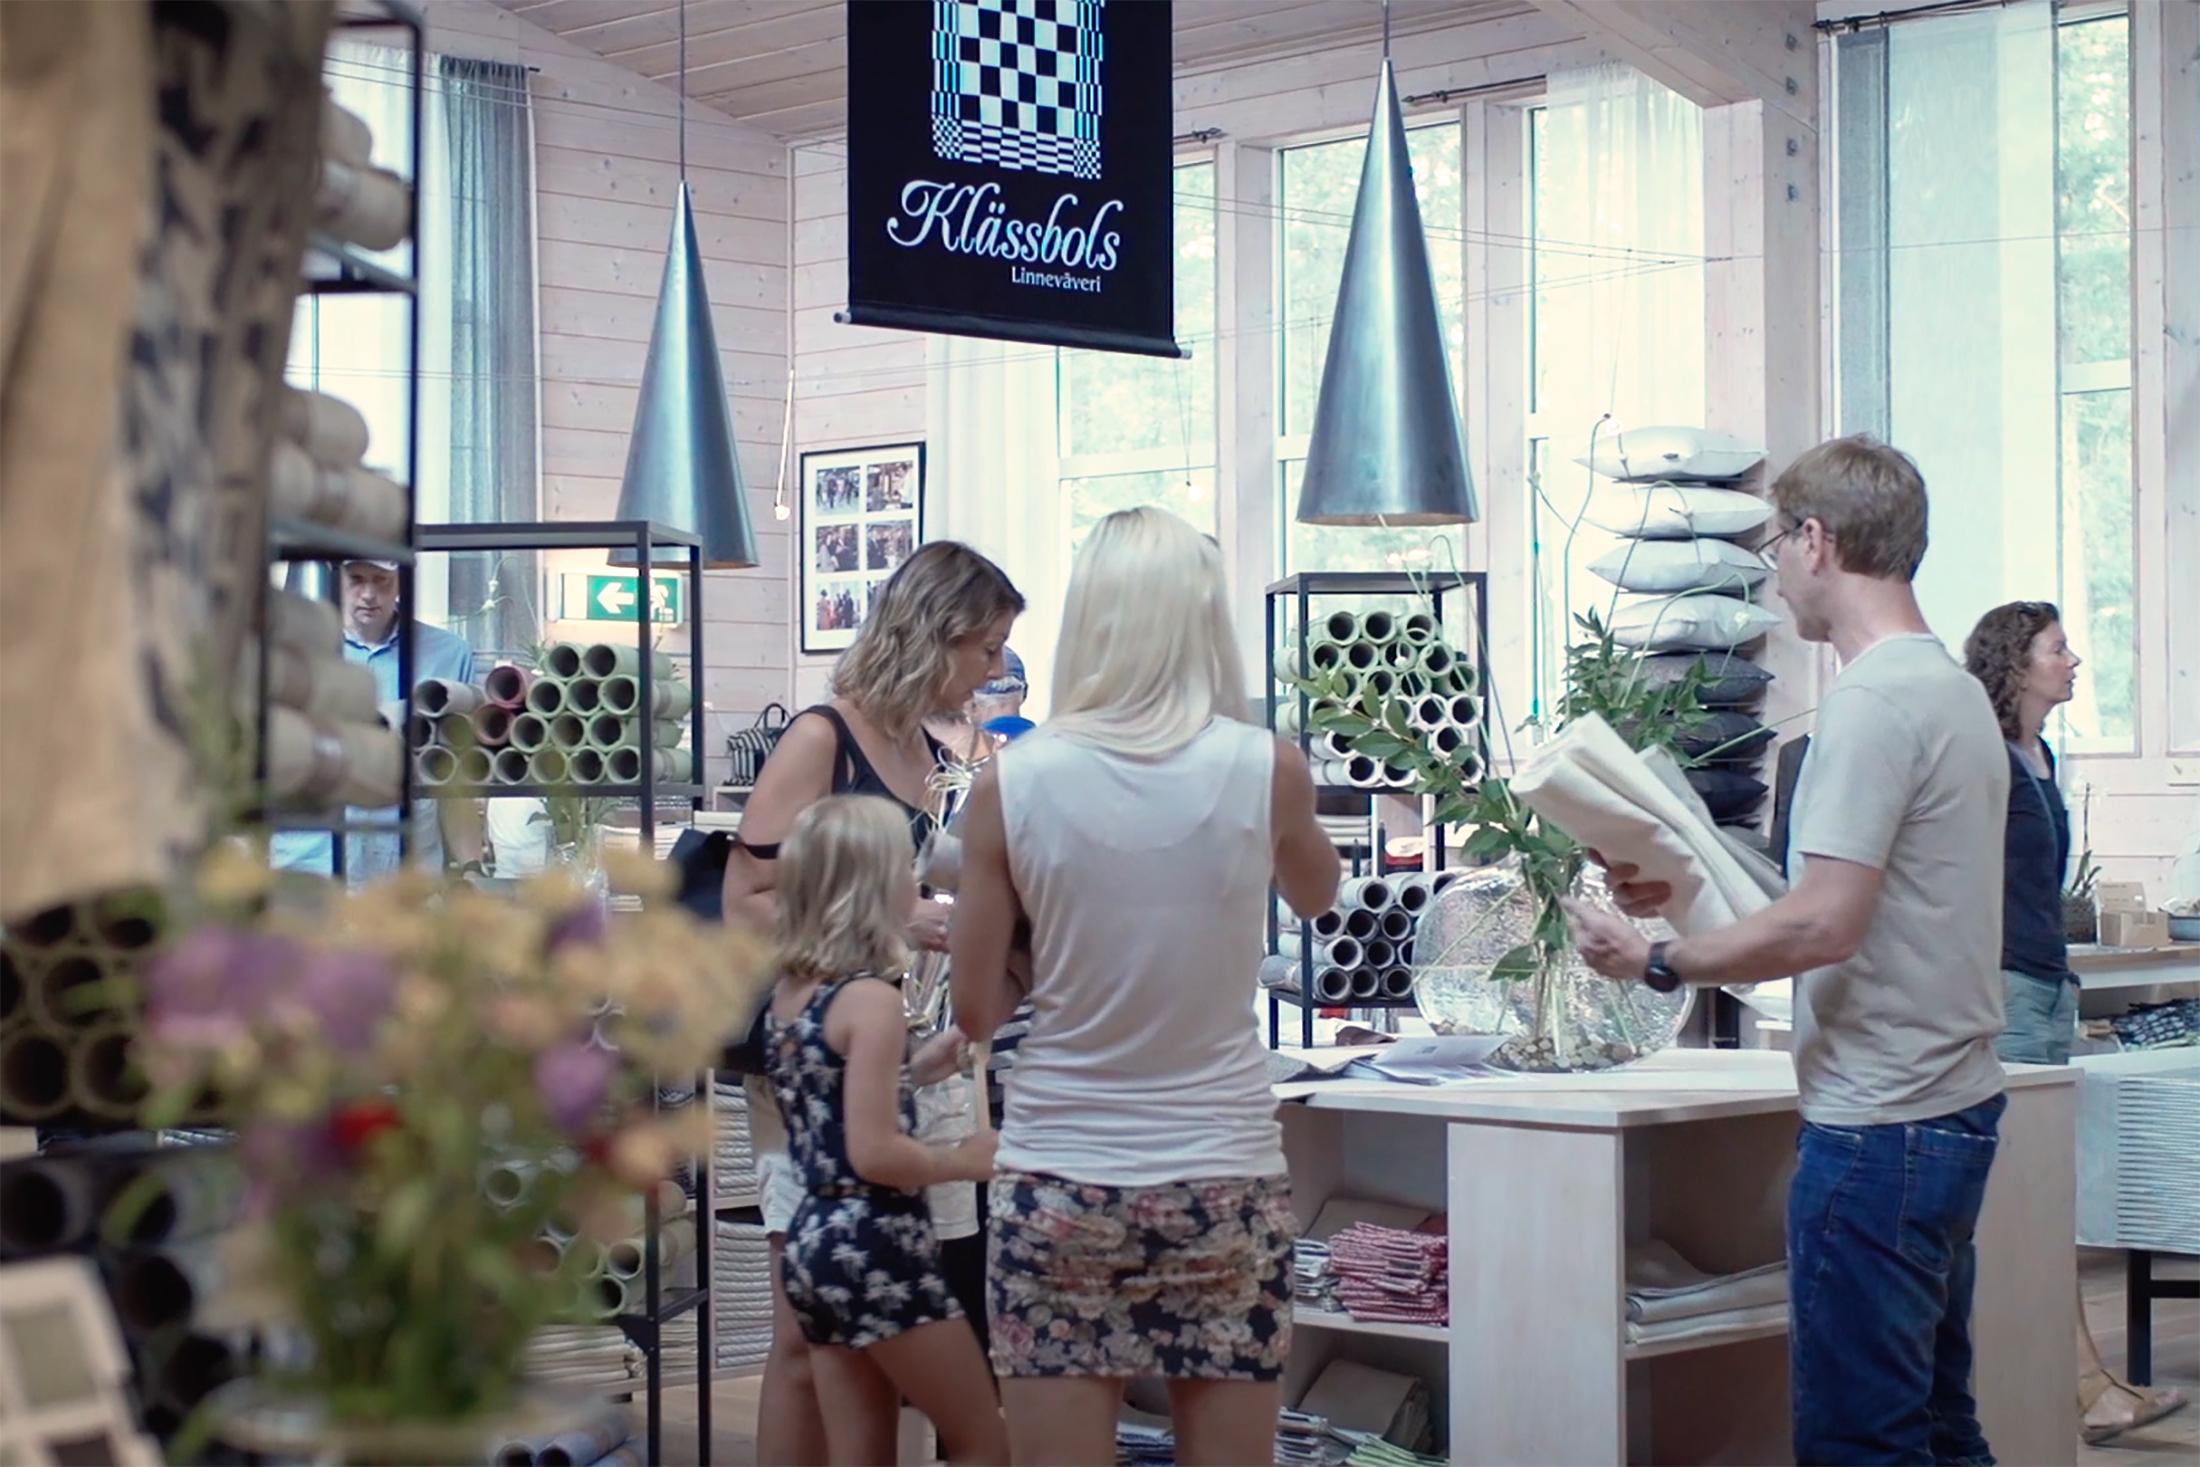 Butiken i Klässbol. Utdrag ur filmen om Klässbols Linneväveri besöksnäring i Värmland